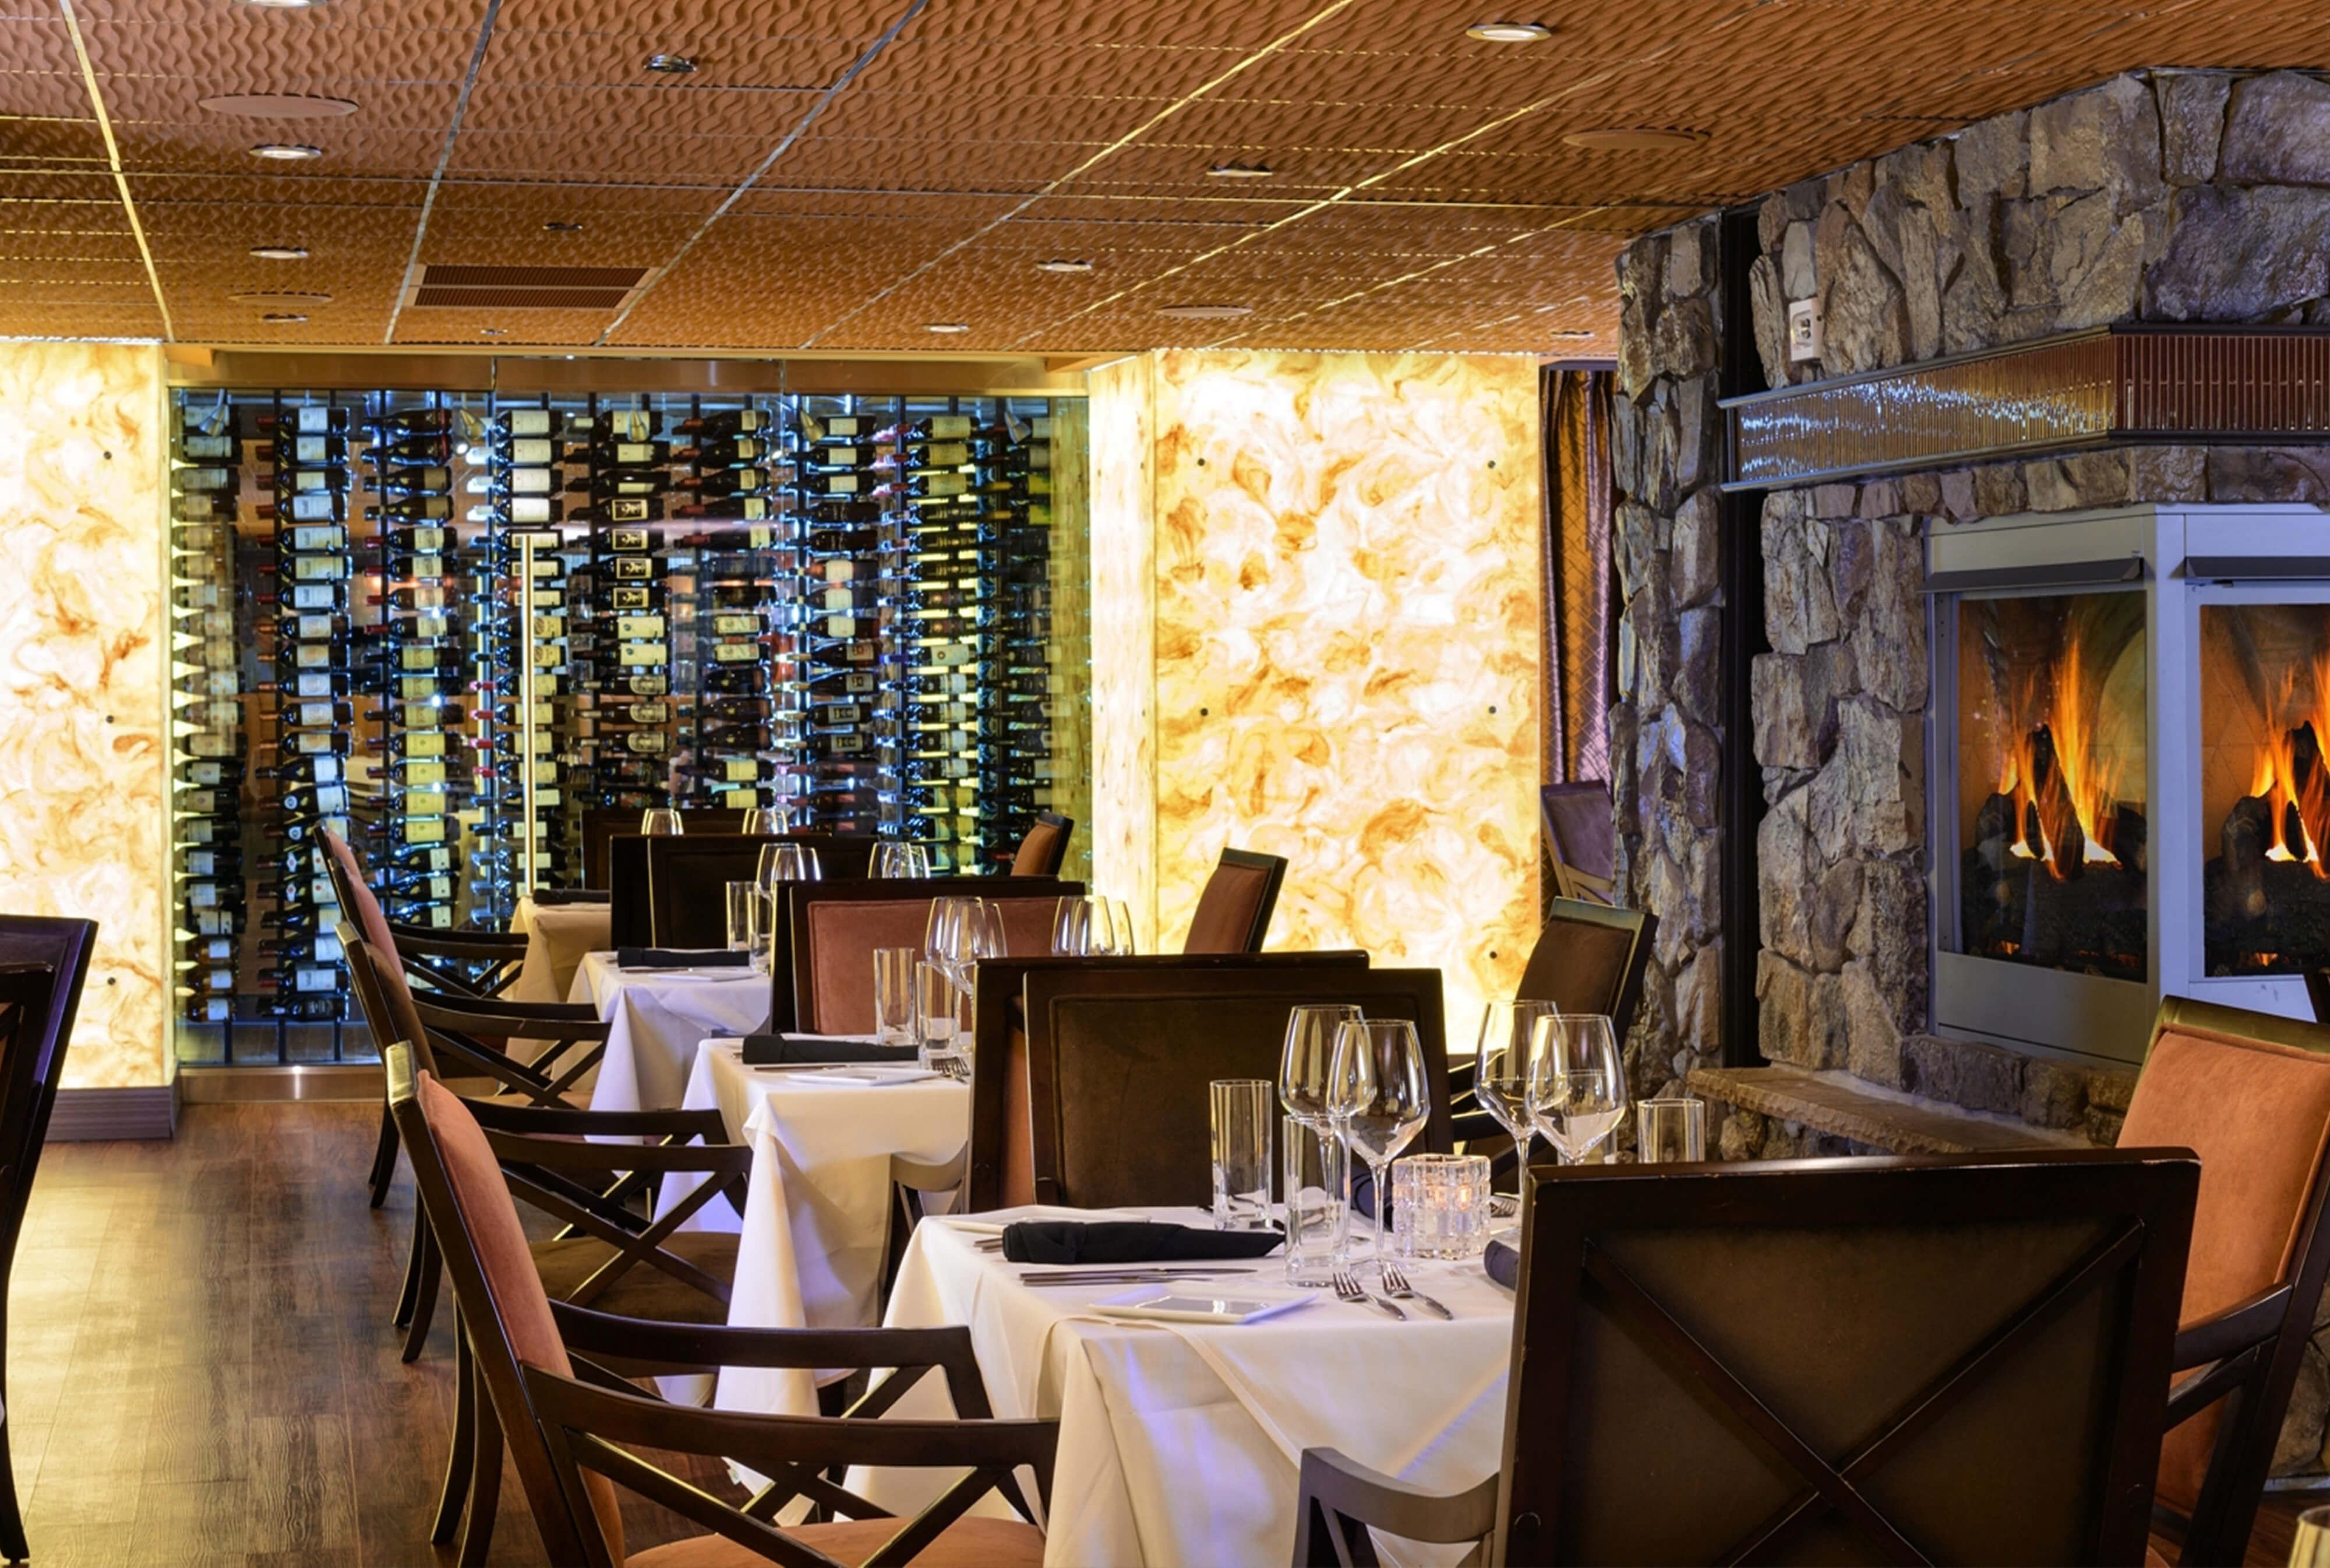 The Best Restaurants In Park City | EDGE Steakhouse